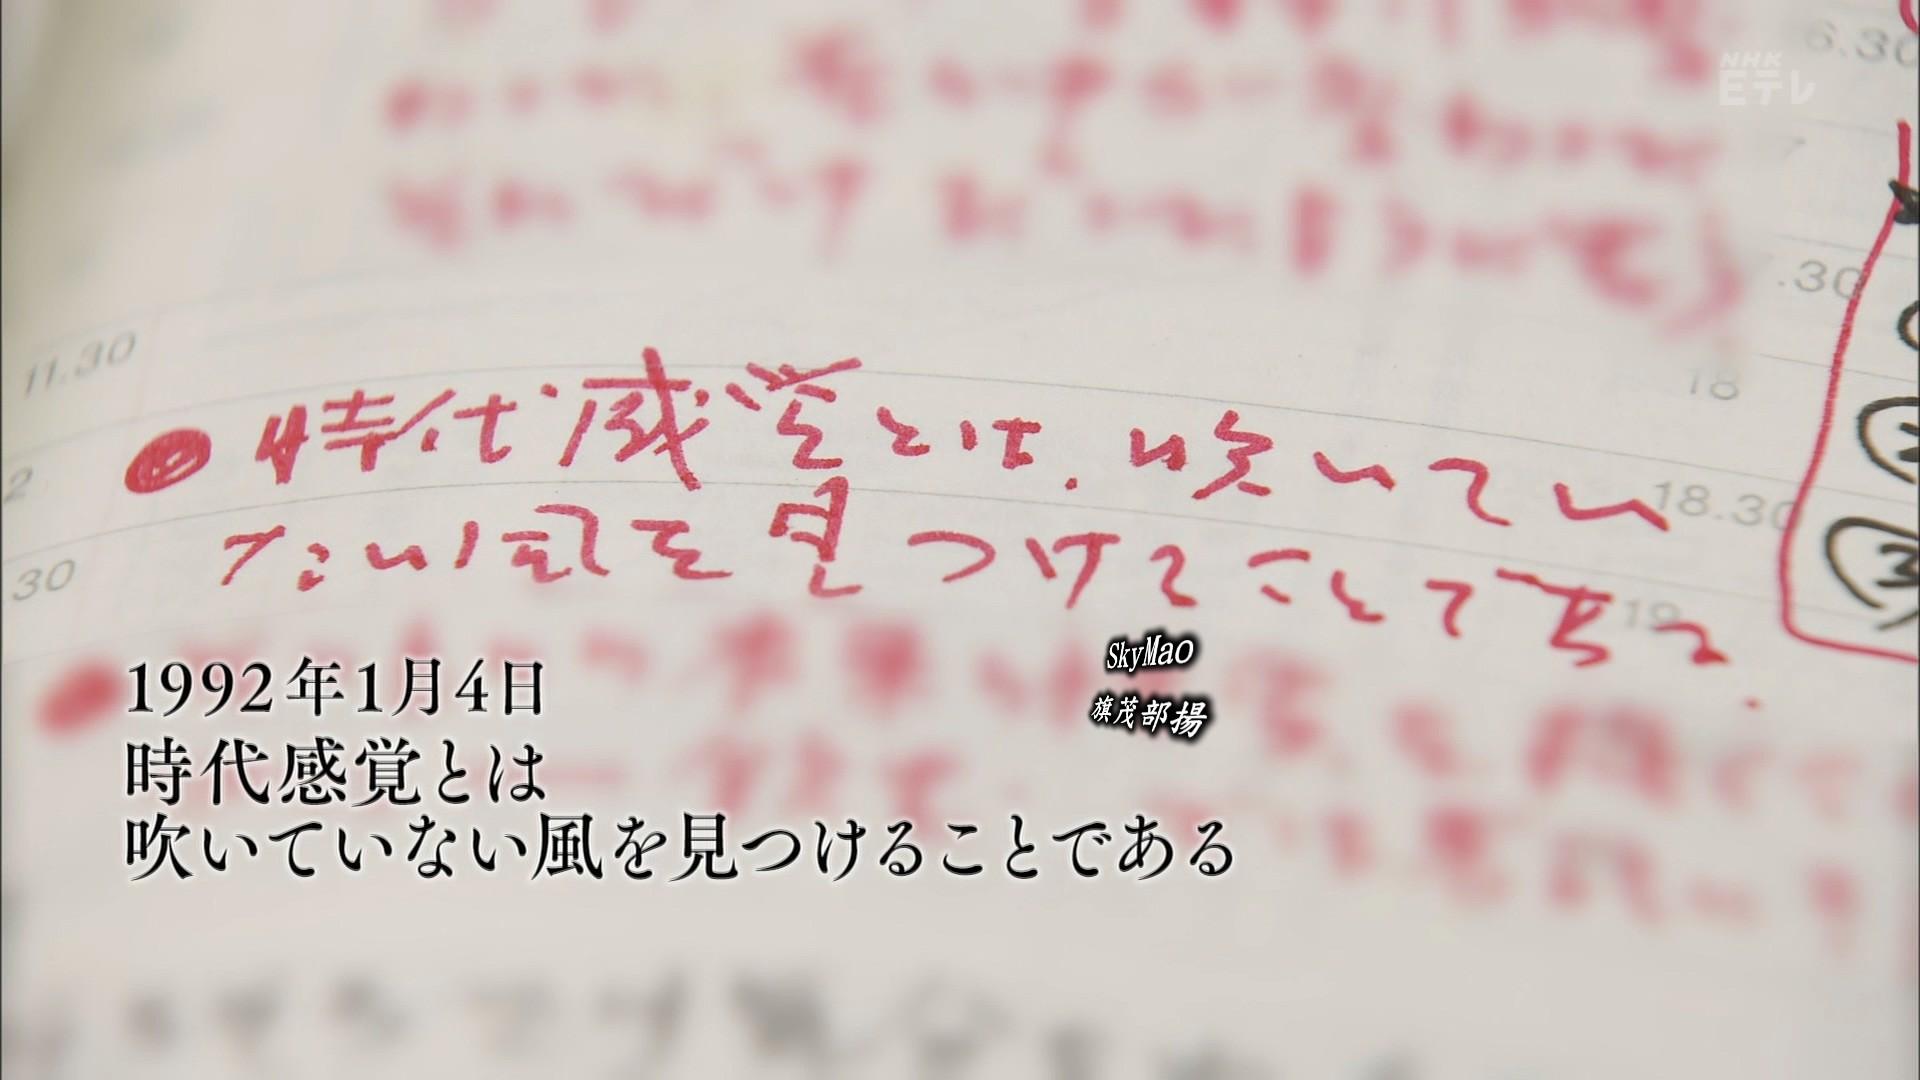 2017.09.23 全場(いきものがかり水野良樹の阿久悠をめぐる対話).ts_20170924_023844.573